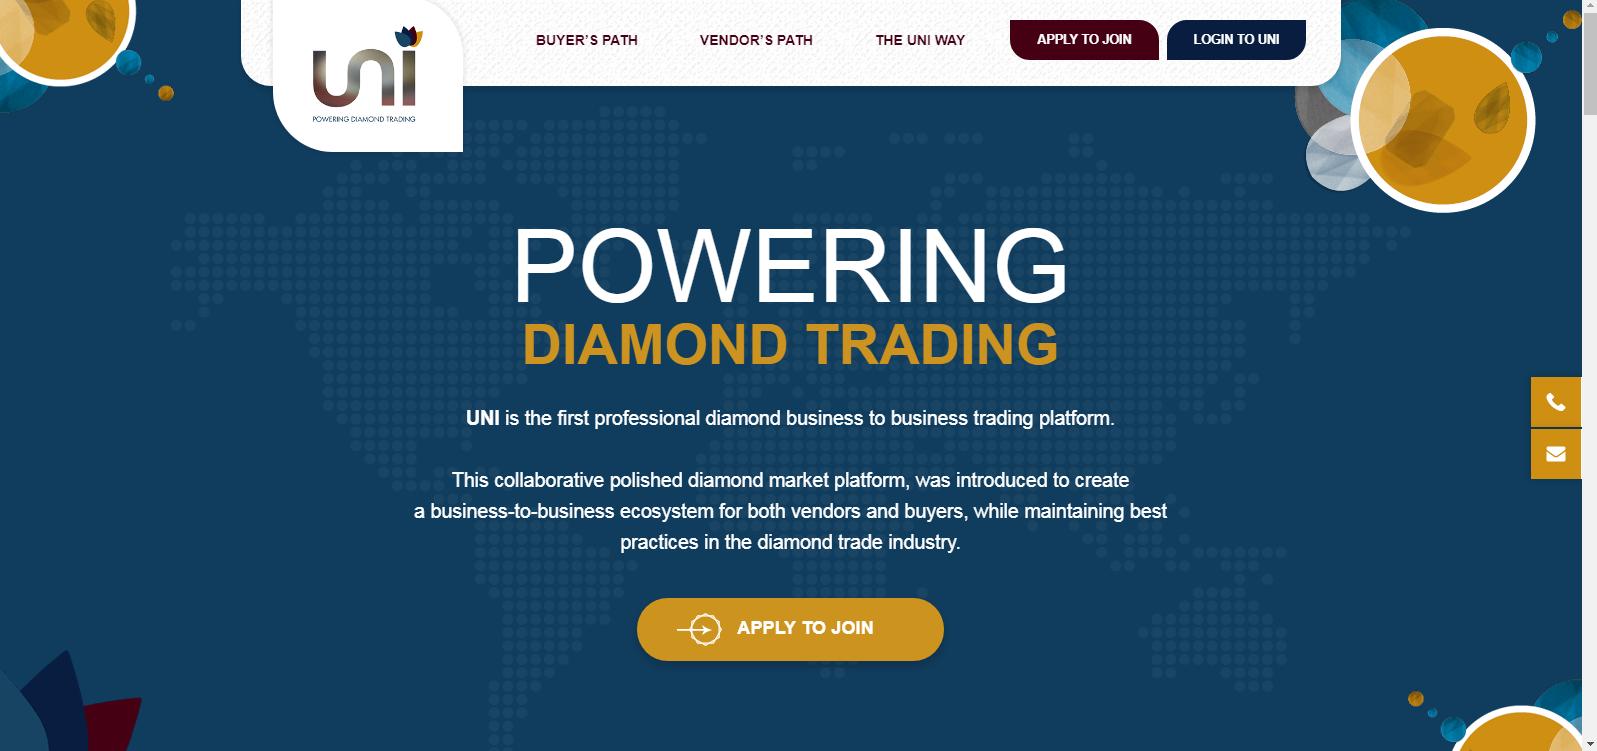 UNI_Diamonds